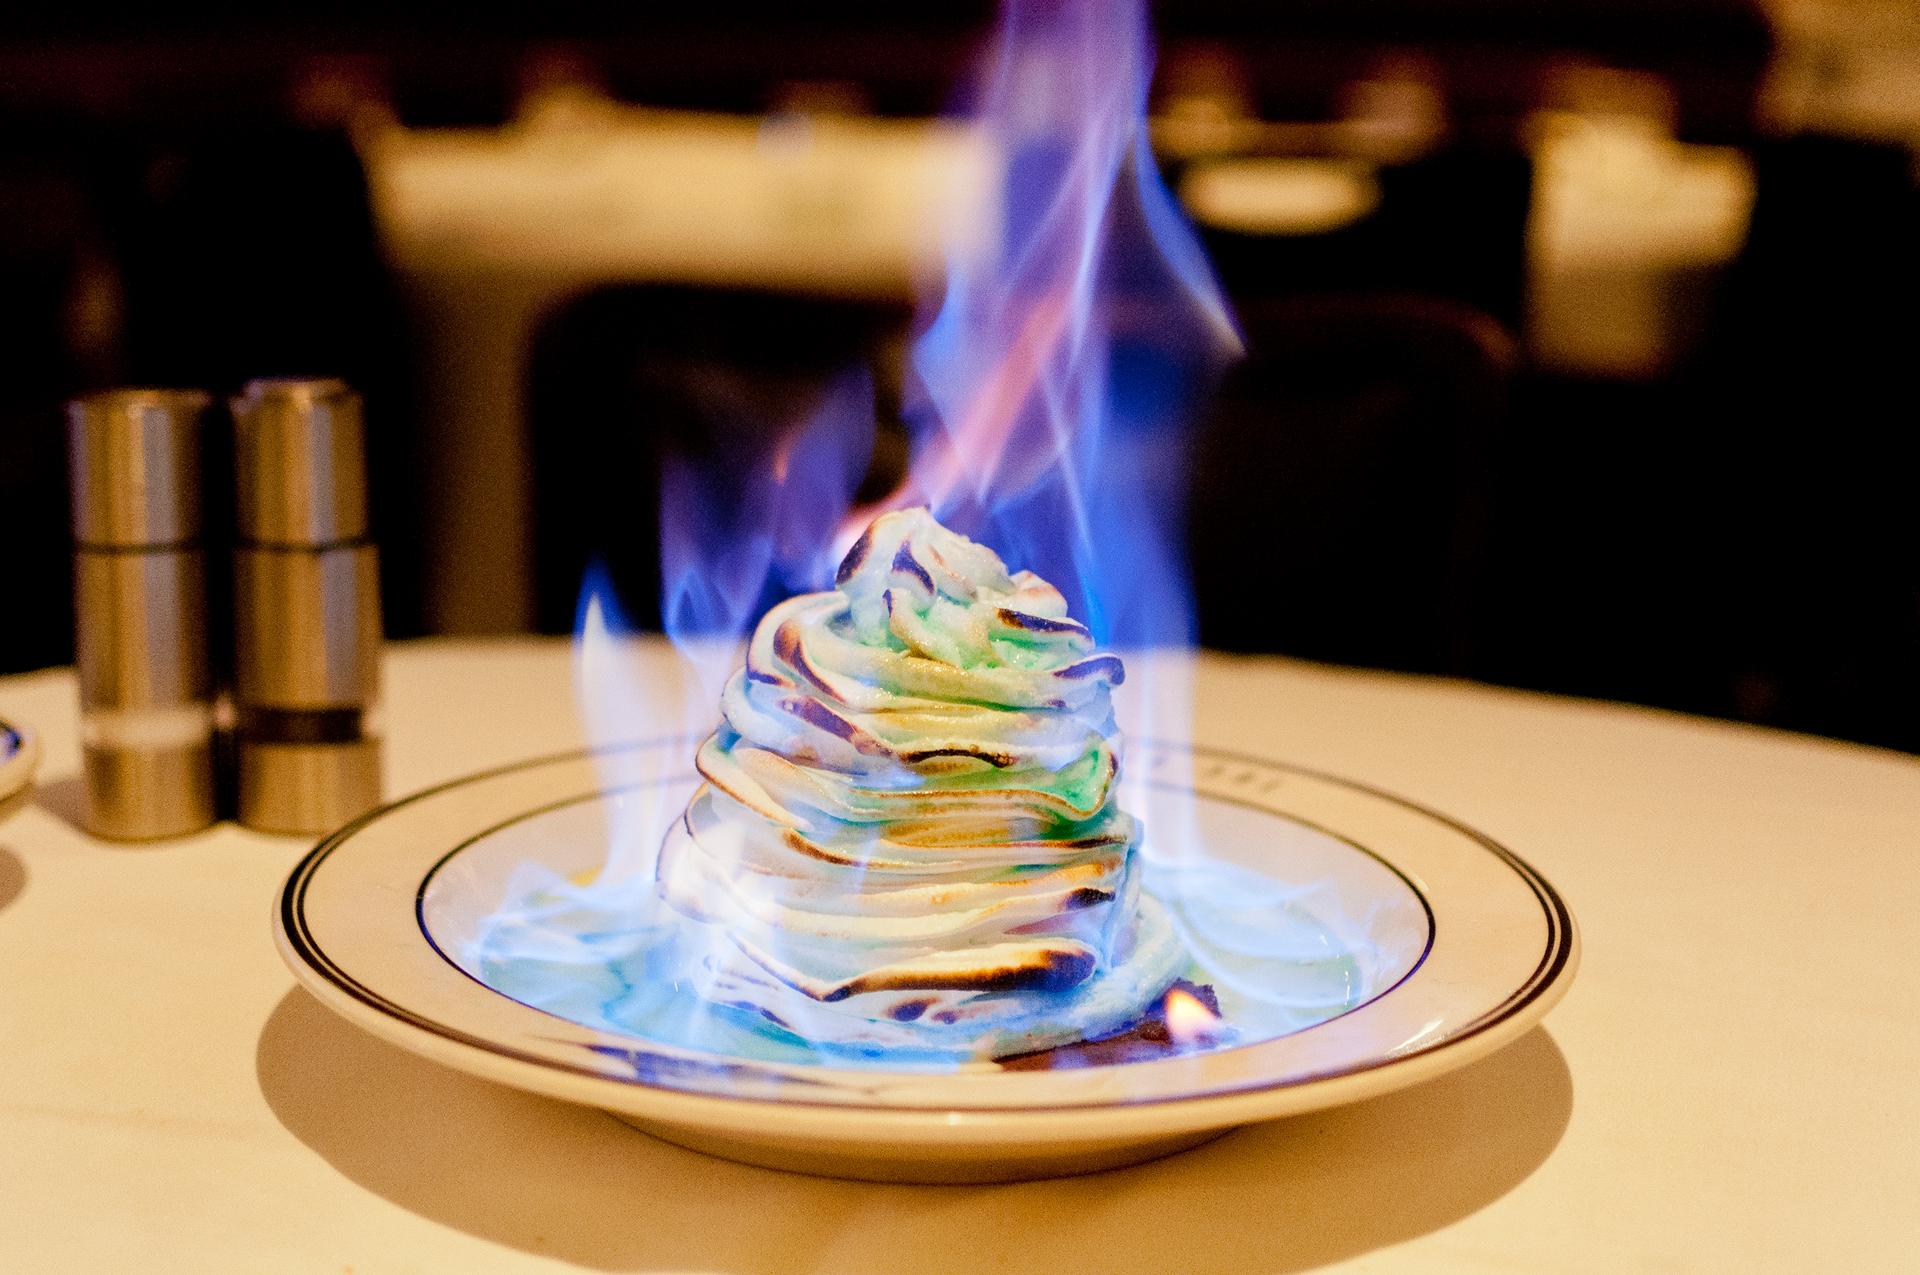 Zdjęcie przedstawia porcję lodów płonących leżących na porcelanowym talerzyku.